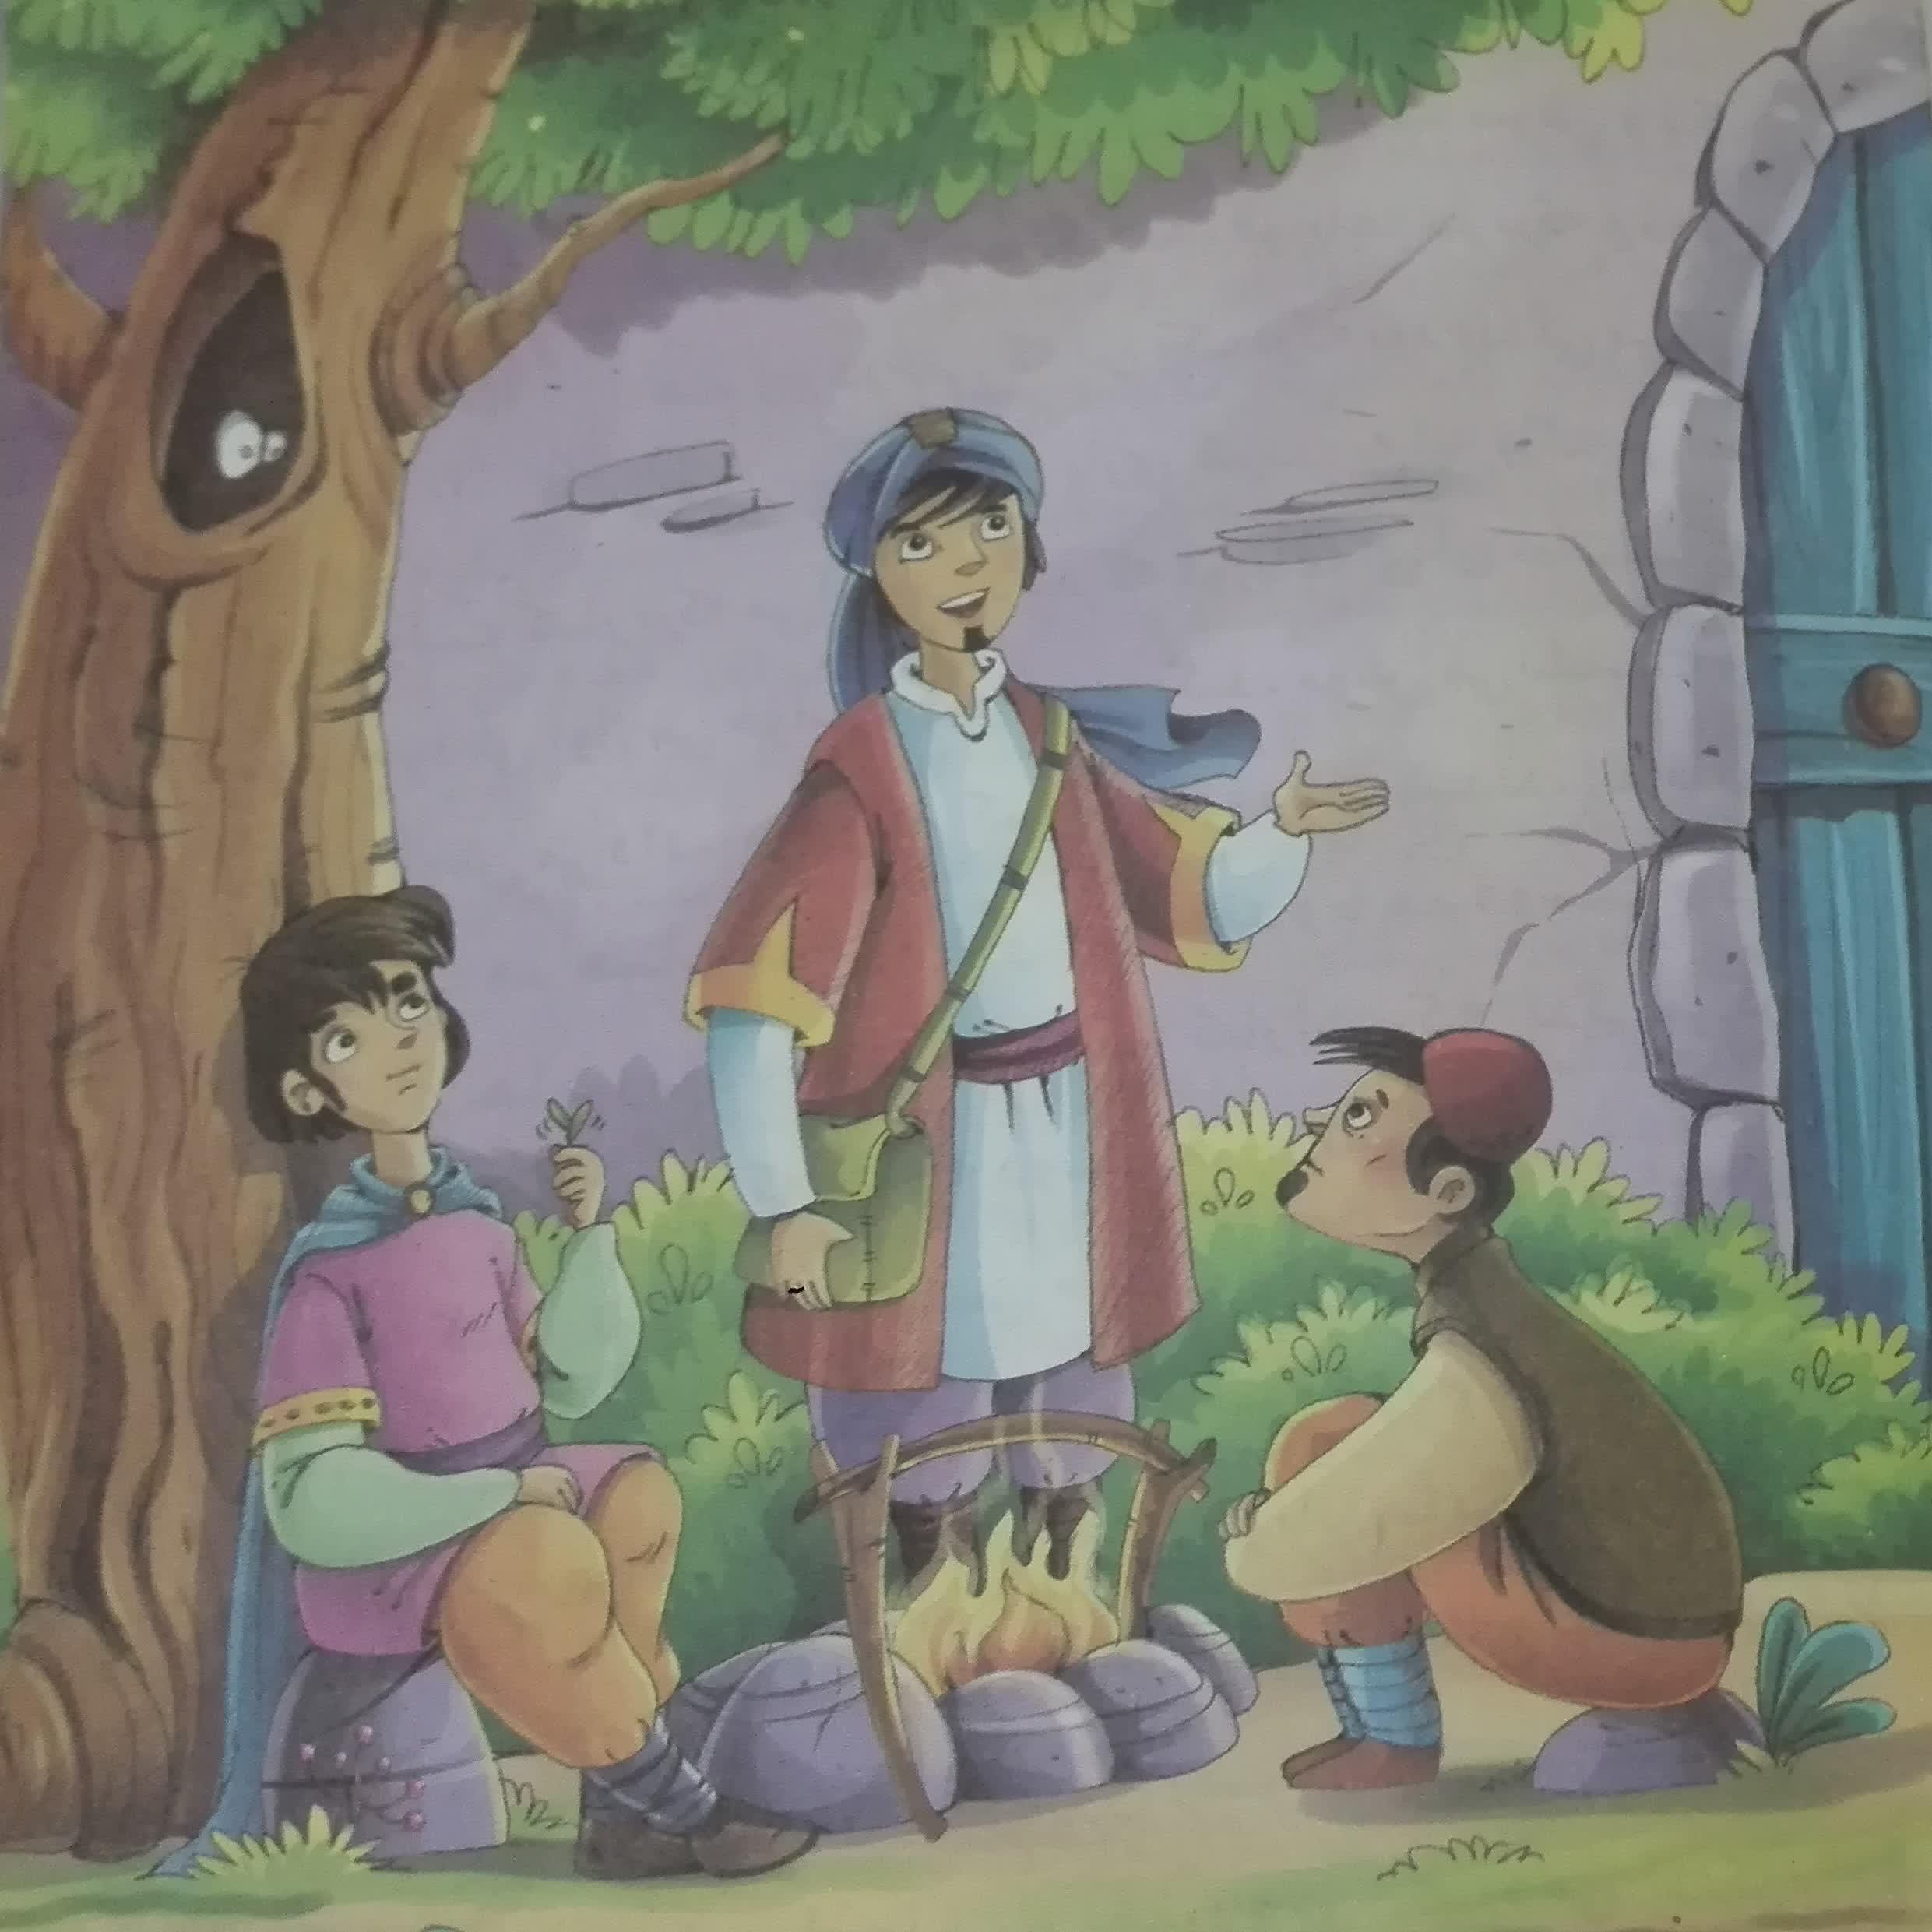 قصههای پندآموز کهن؛ شاهزاده و دوستانش